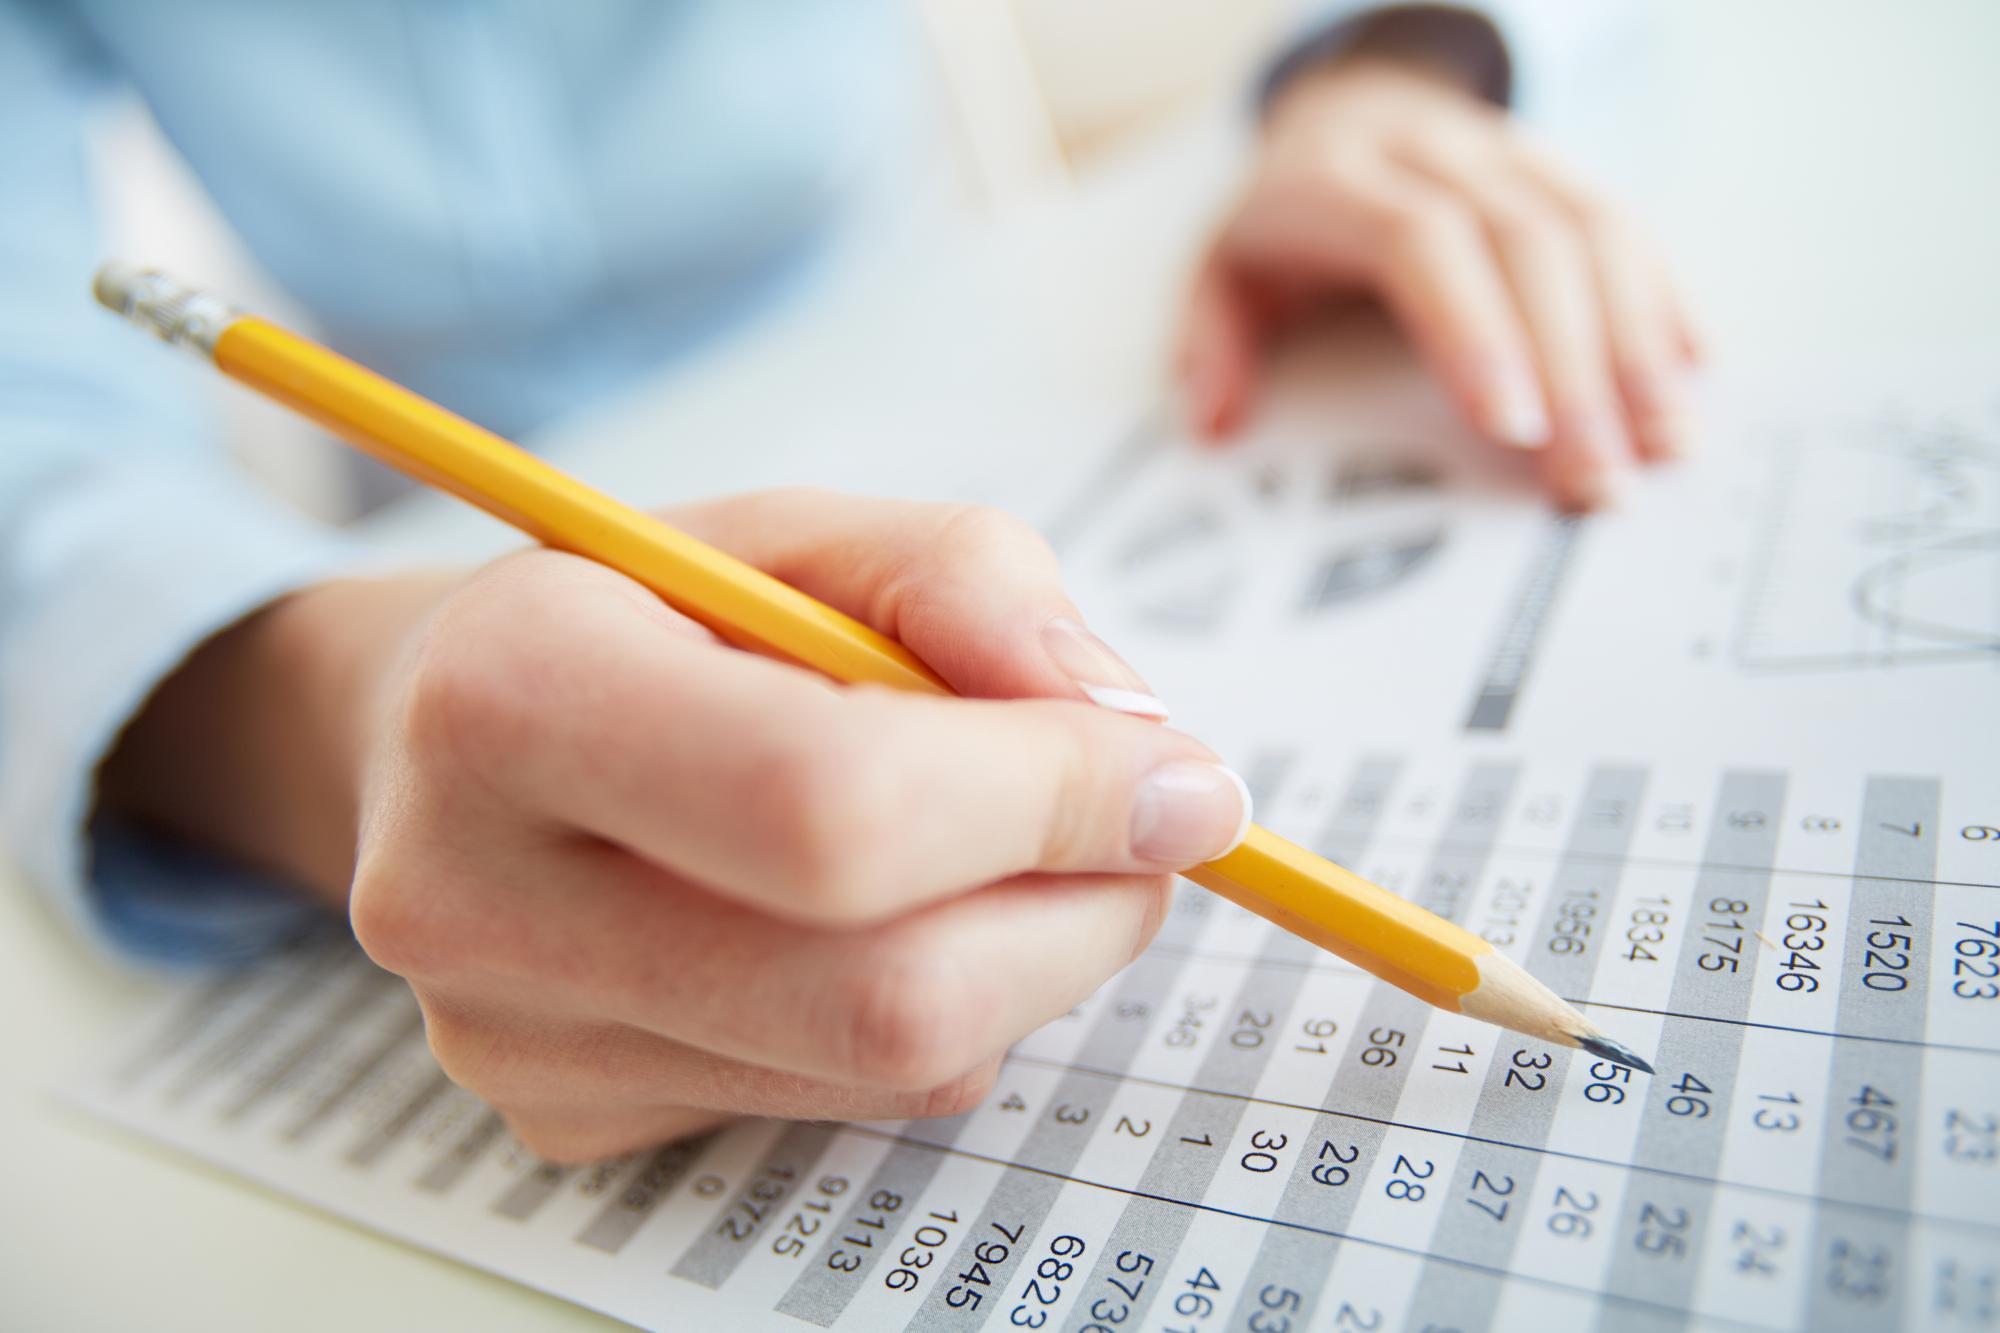 Конкретизированы положения закона о бухучете, устанавливающие порядок представления обязательного экземпляра бухотчетности